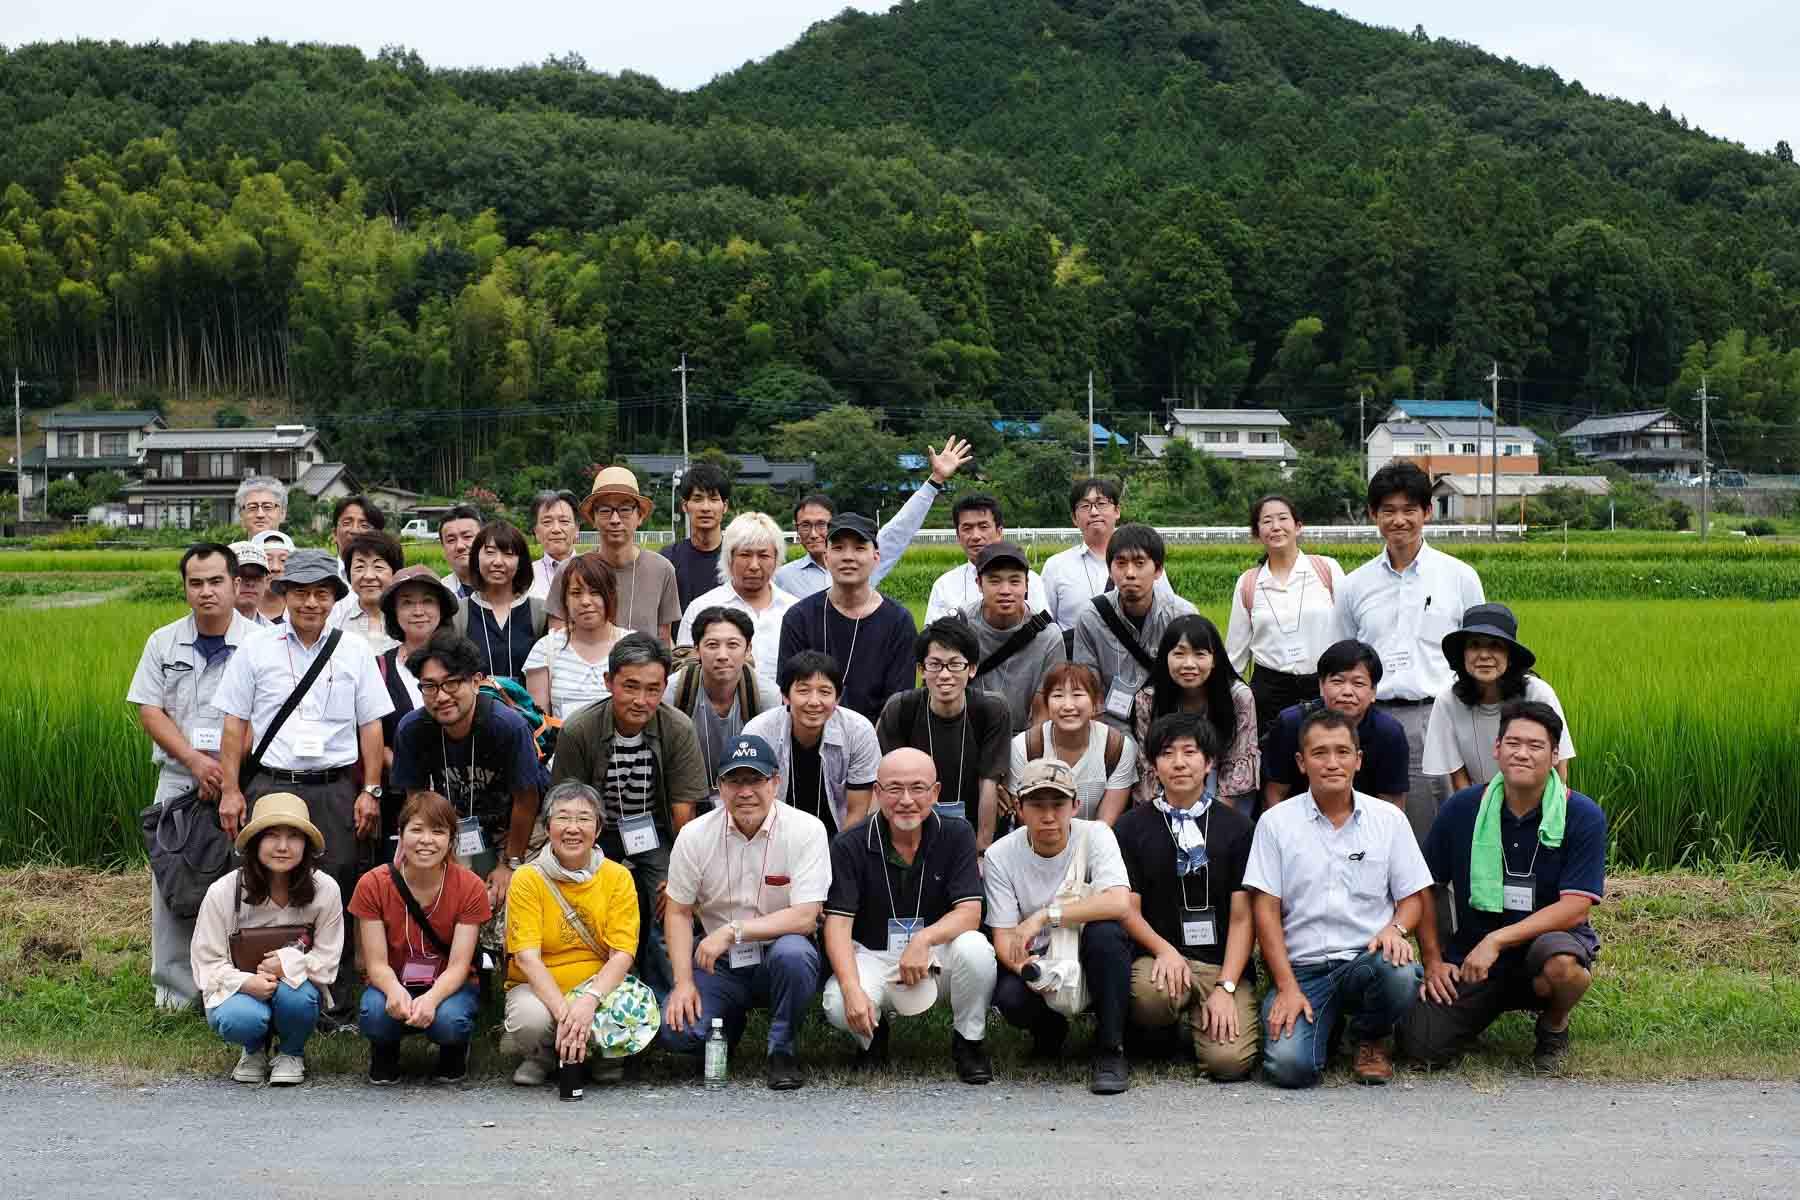 【研修会】SWINGgroup30年度研修会 有機農場見学会画像